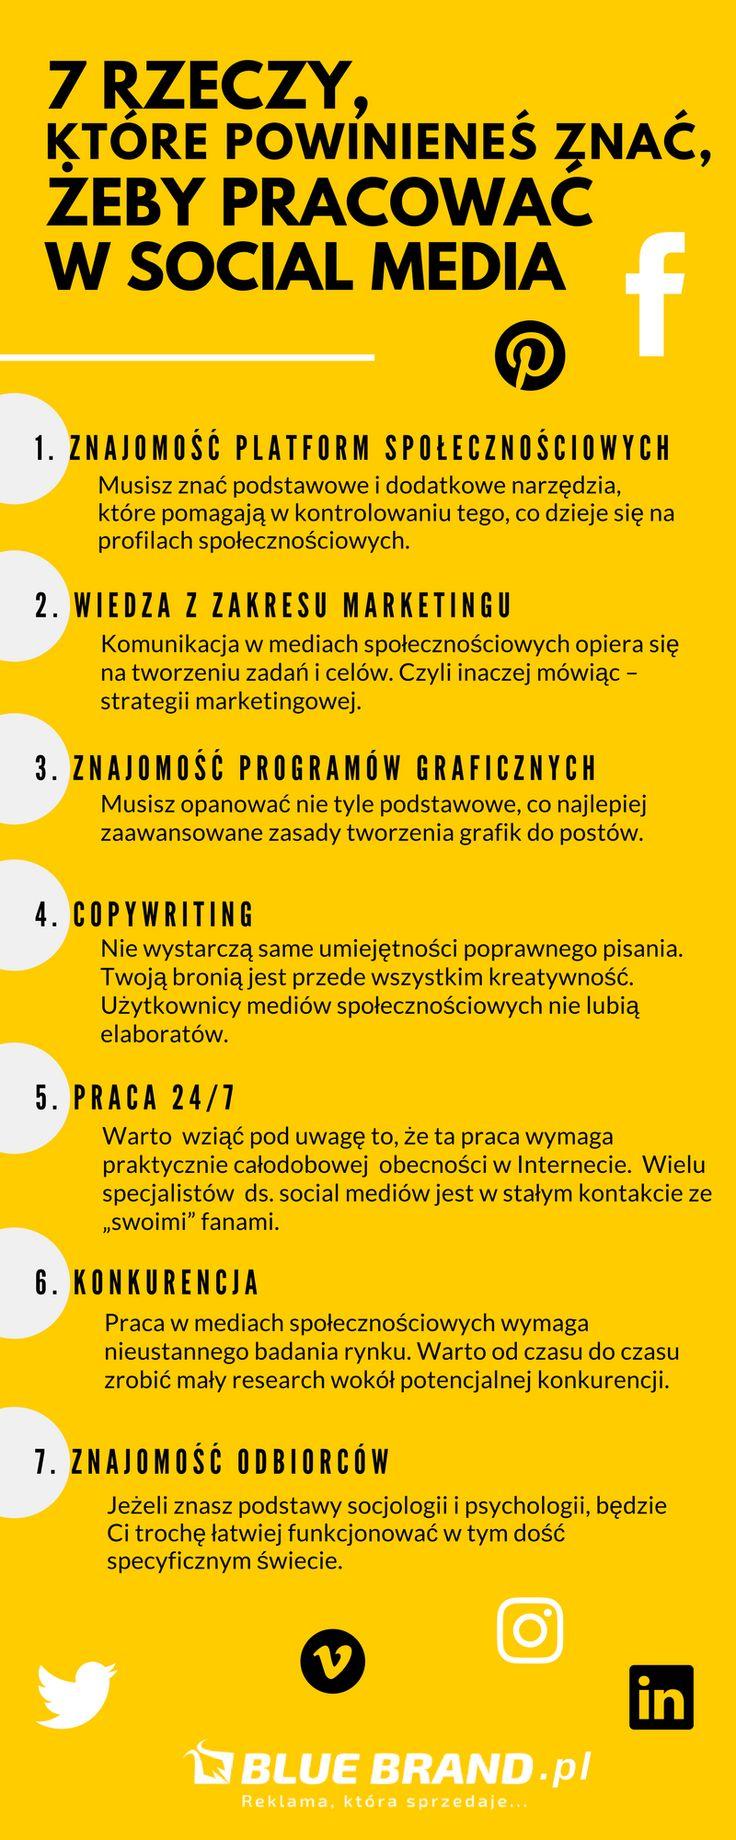 7 rzeczy, które powinieneś znać, żeby pracować w social media - Blue Brand Reklama która sprzedaje